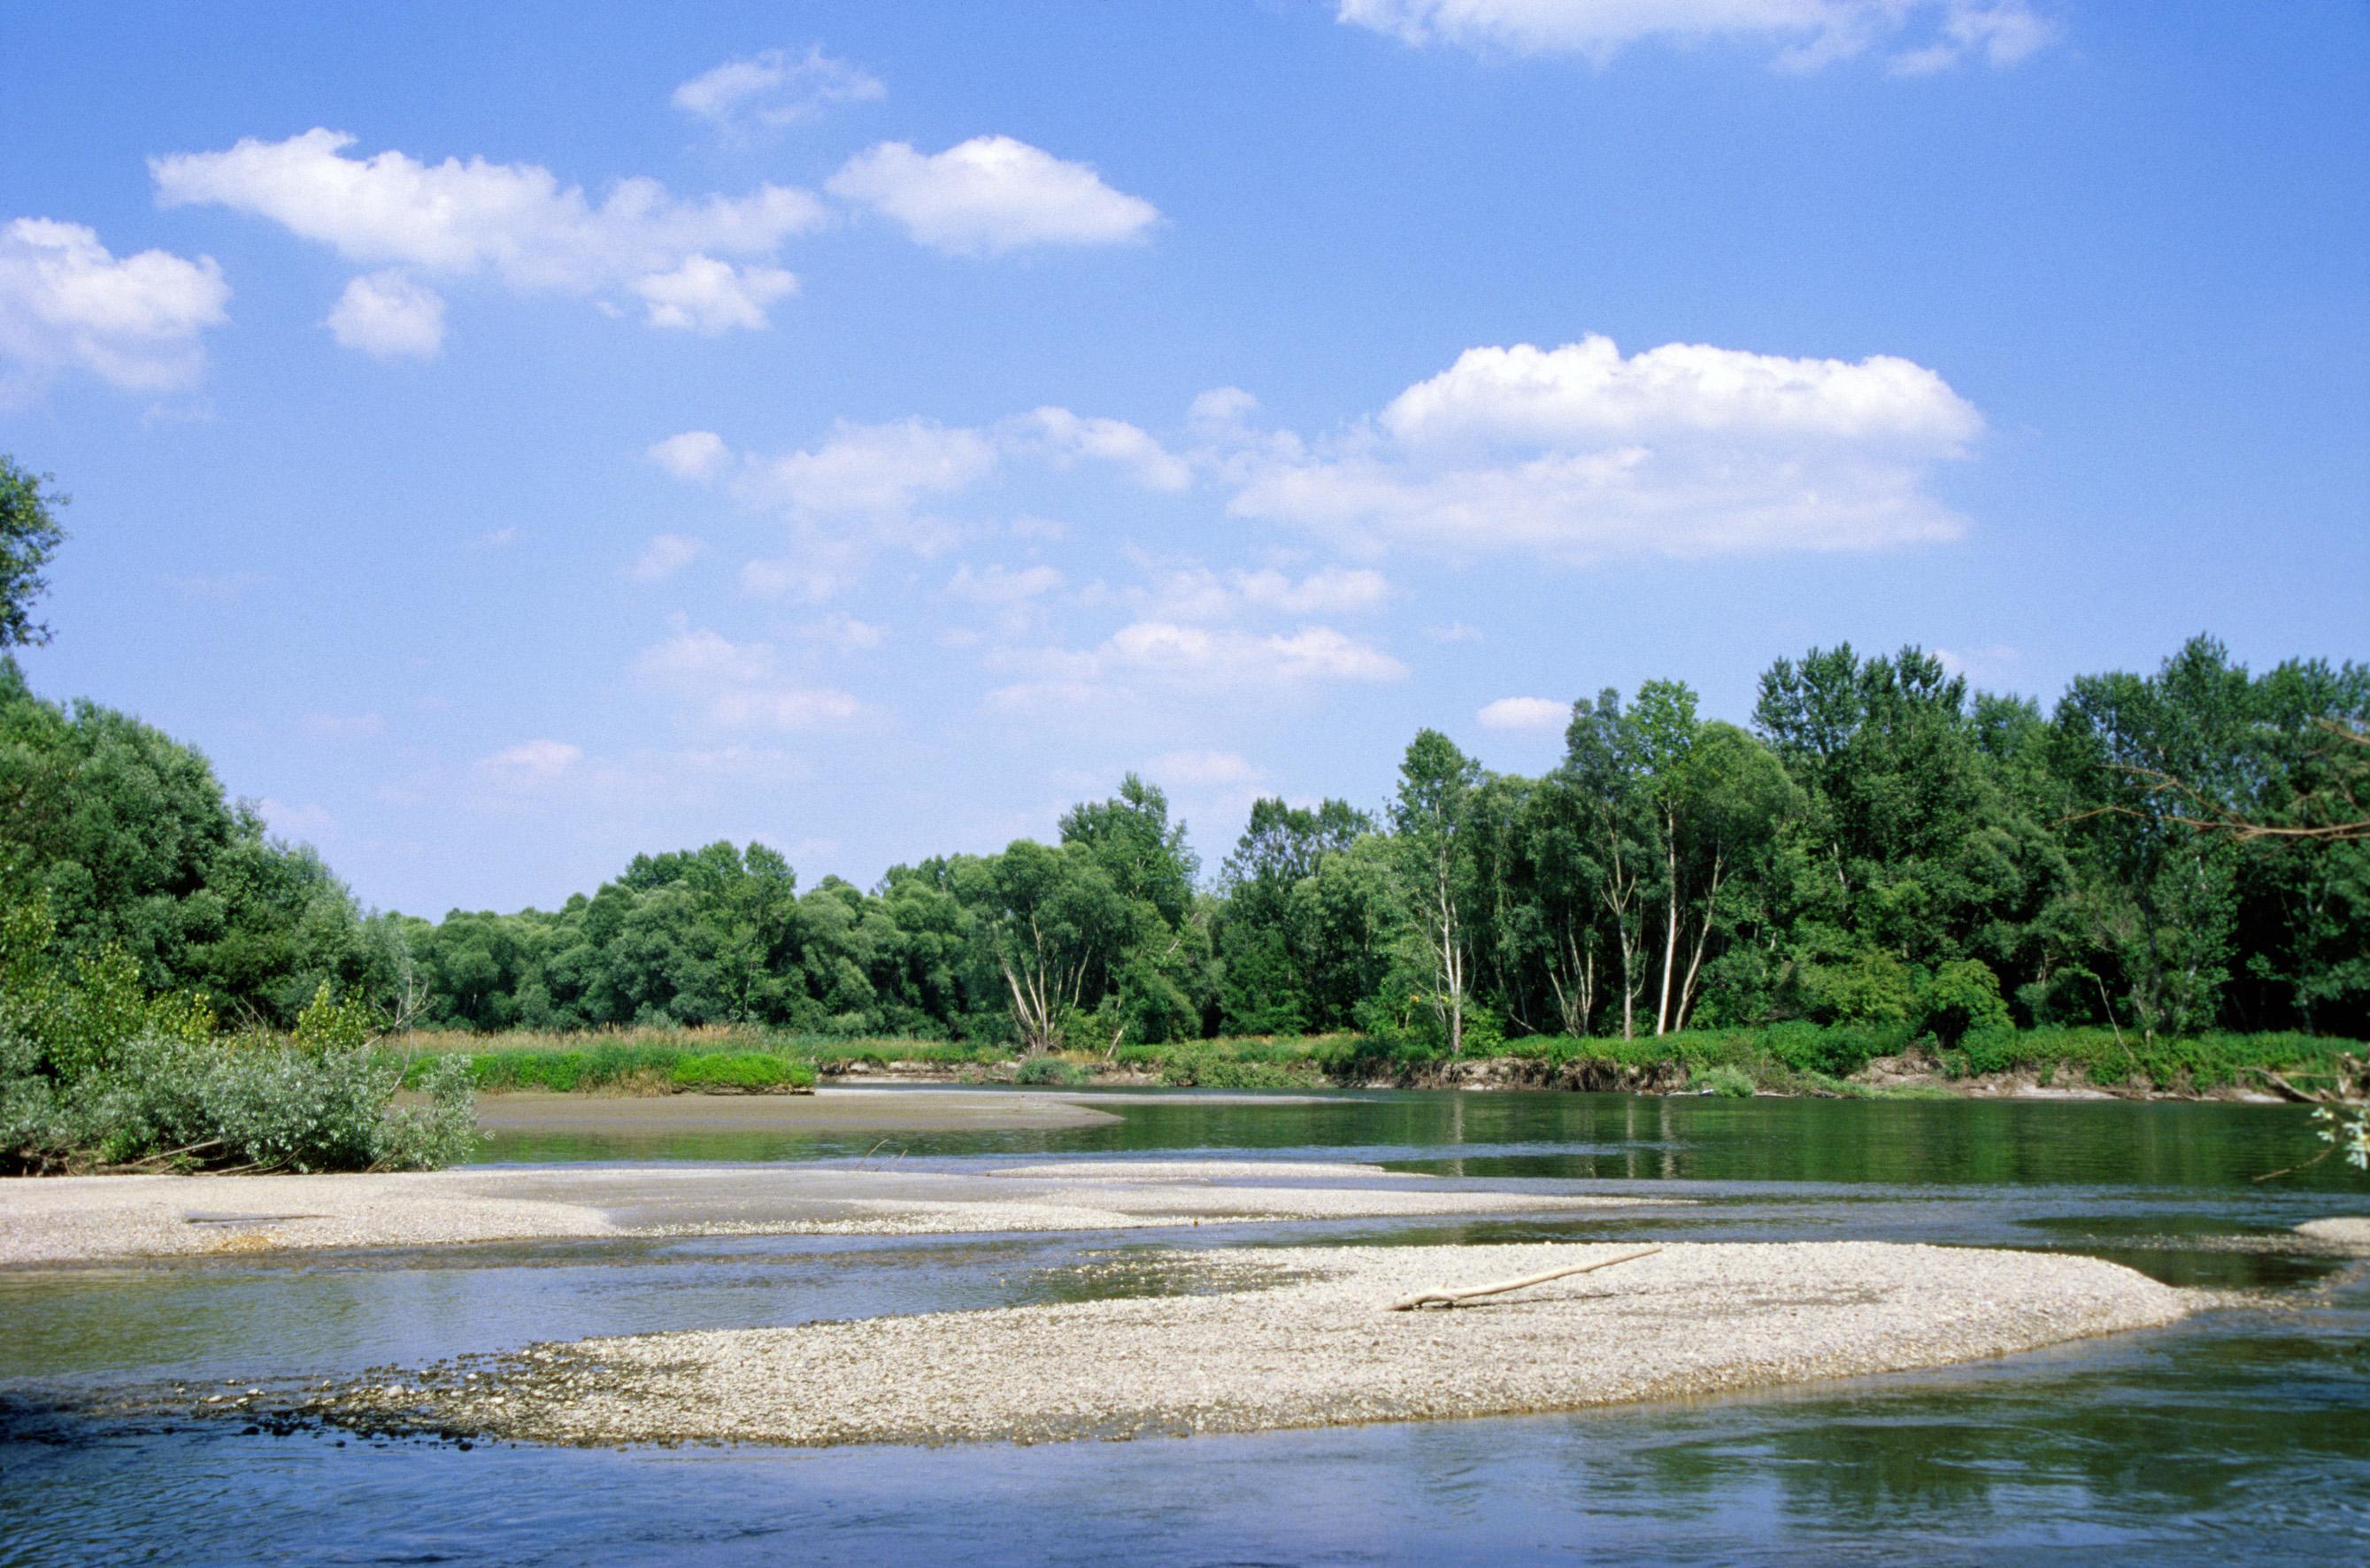 Natürliche Flusslandschaft an der Mur © A. Mohl / WWF